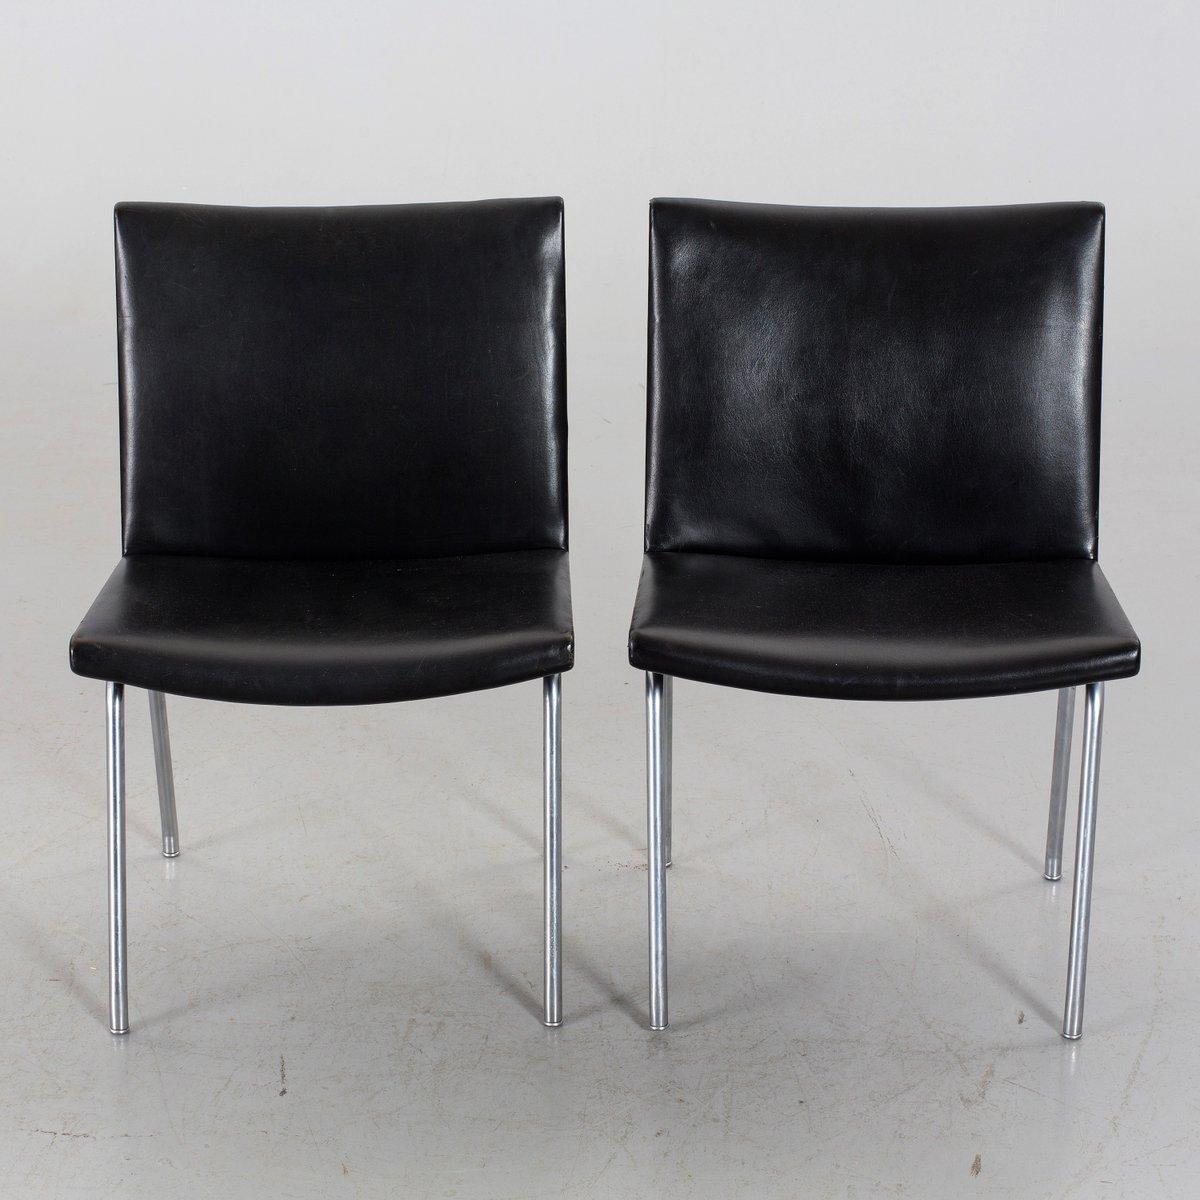 schwarze ap 40 leder flughafen st hle von hans j wegner f r ap stolen 1950er 2er set bei. Black Bedroom Furniture Sets. Home Design Ideas